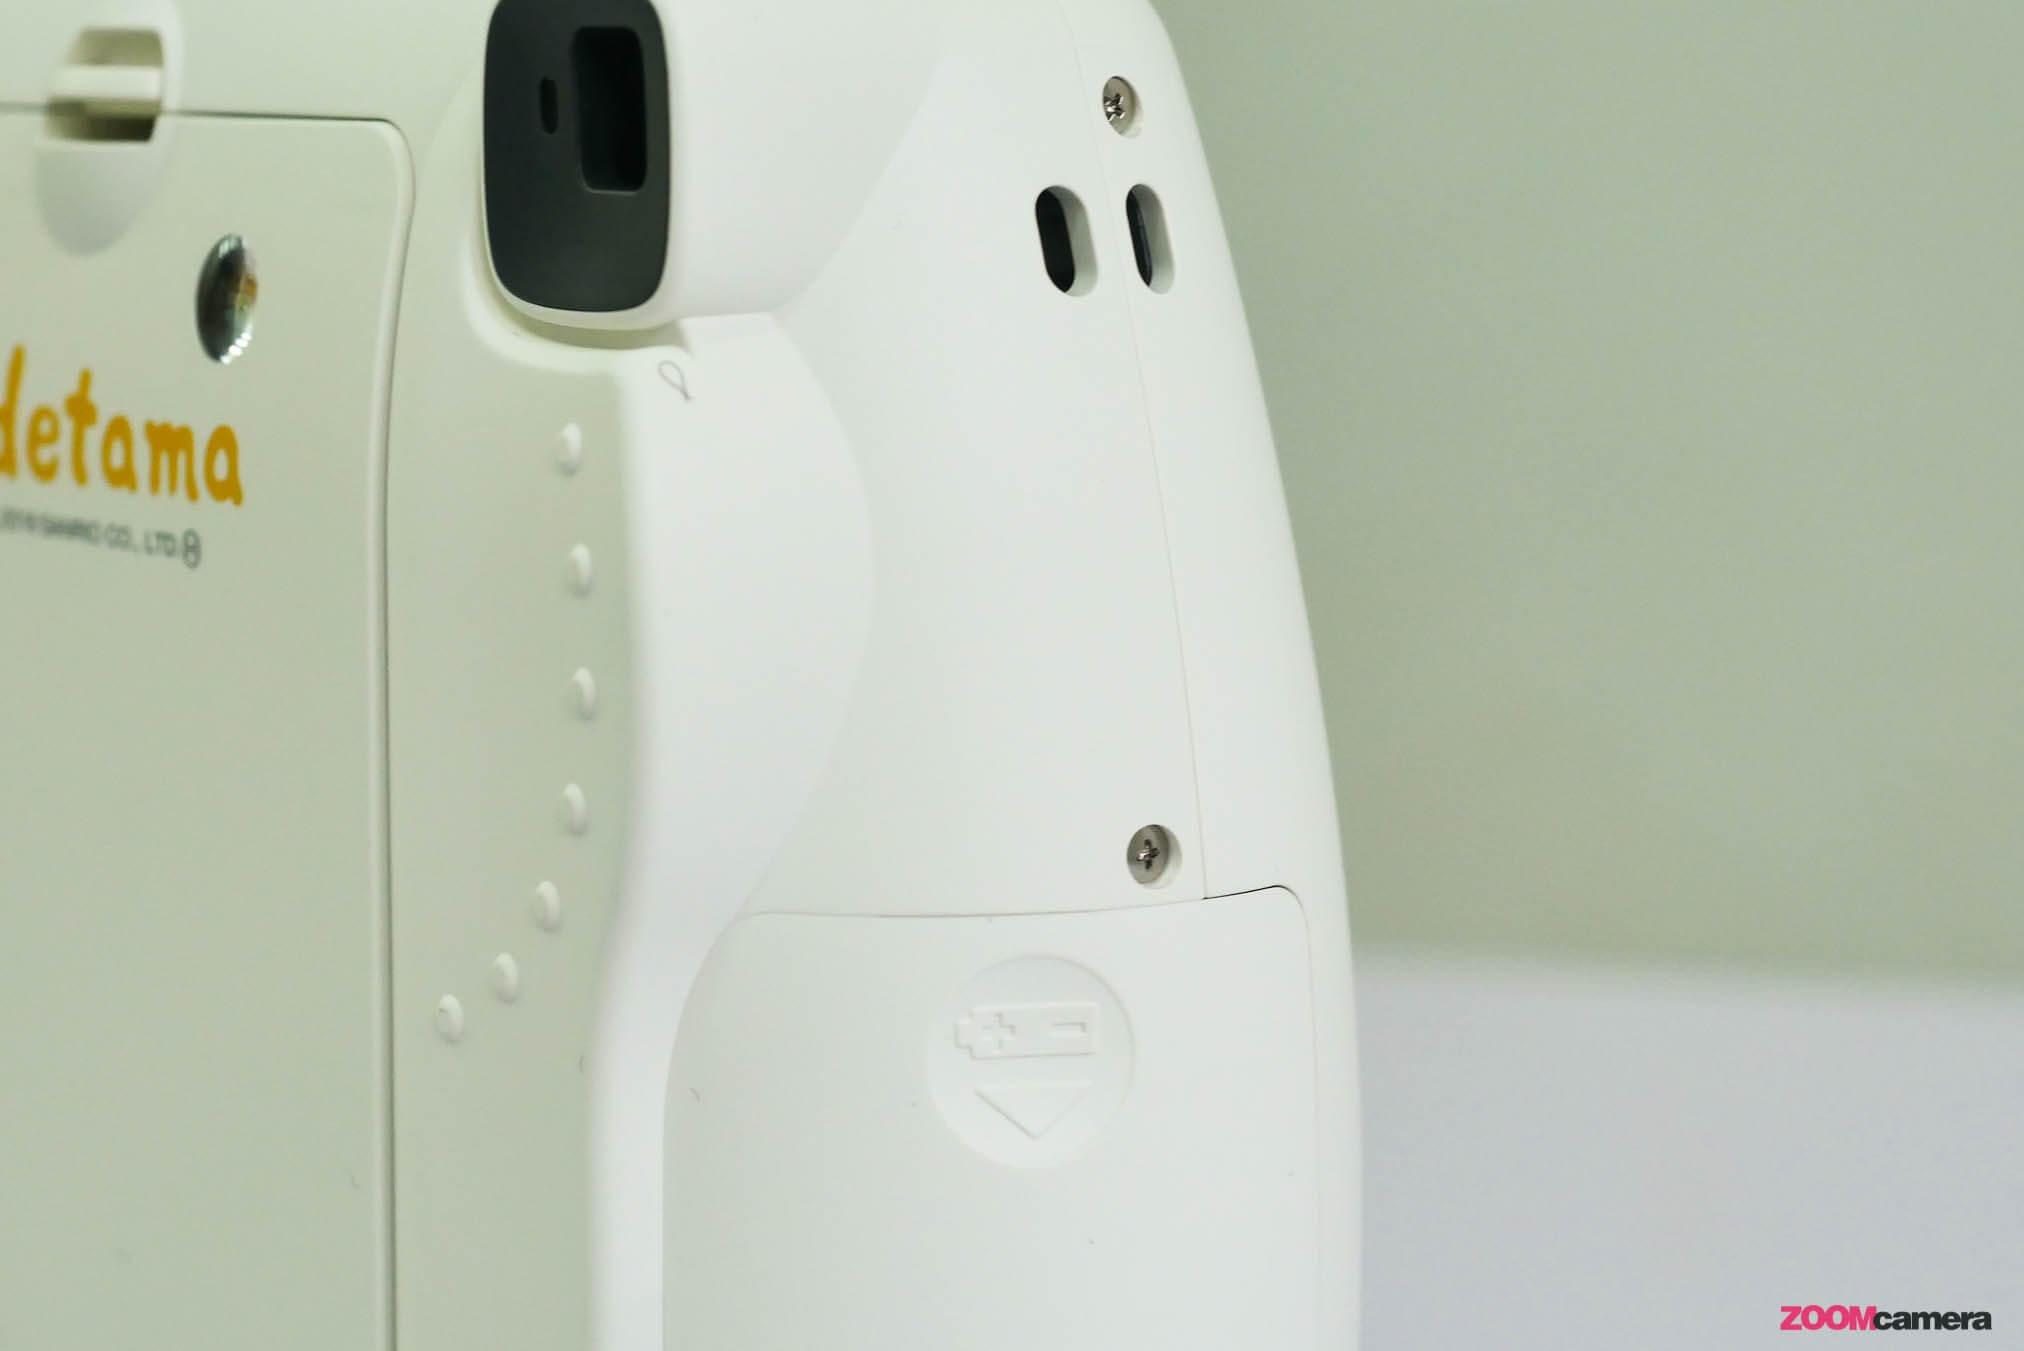 แกะกล่องรีวิวกล้องไข่ขี้เกียจ Instax mini8 - Gudetama ความกวนเส้นน่ารัก ที่มาอยู่บนกล้องฟิล์มสุดชิค